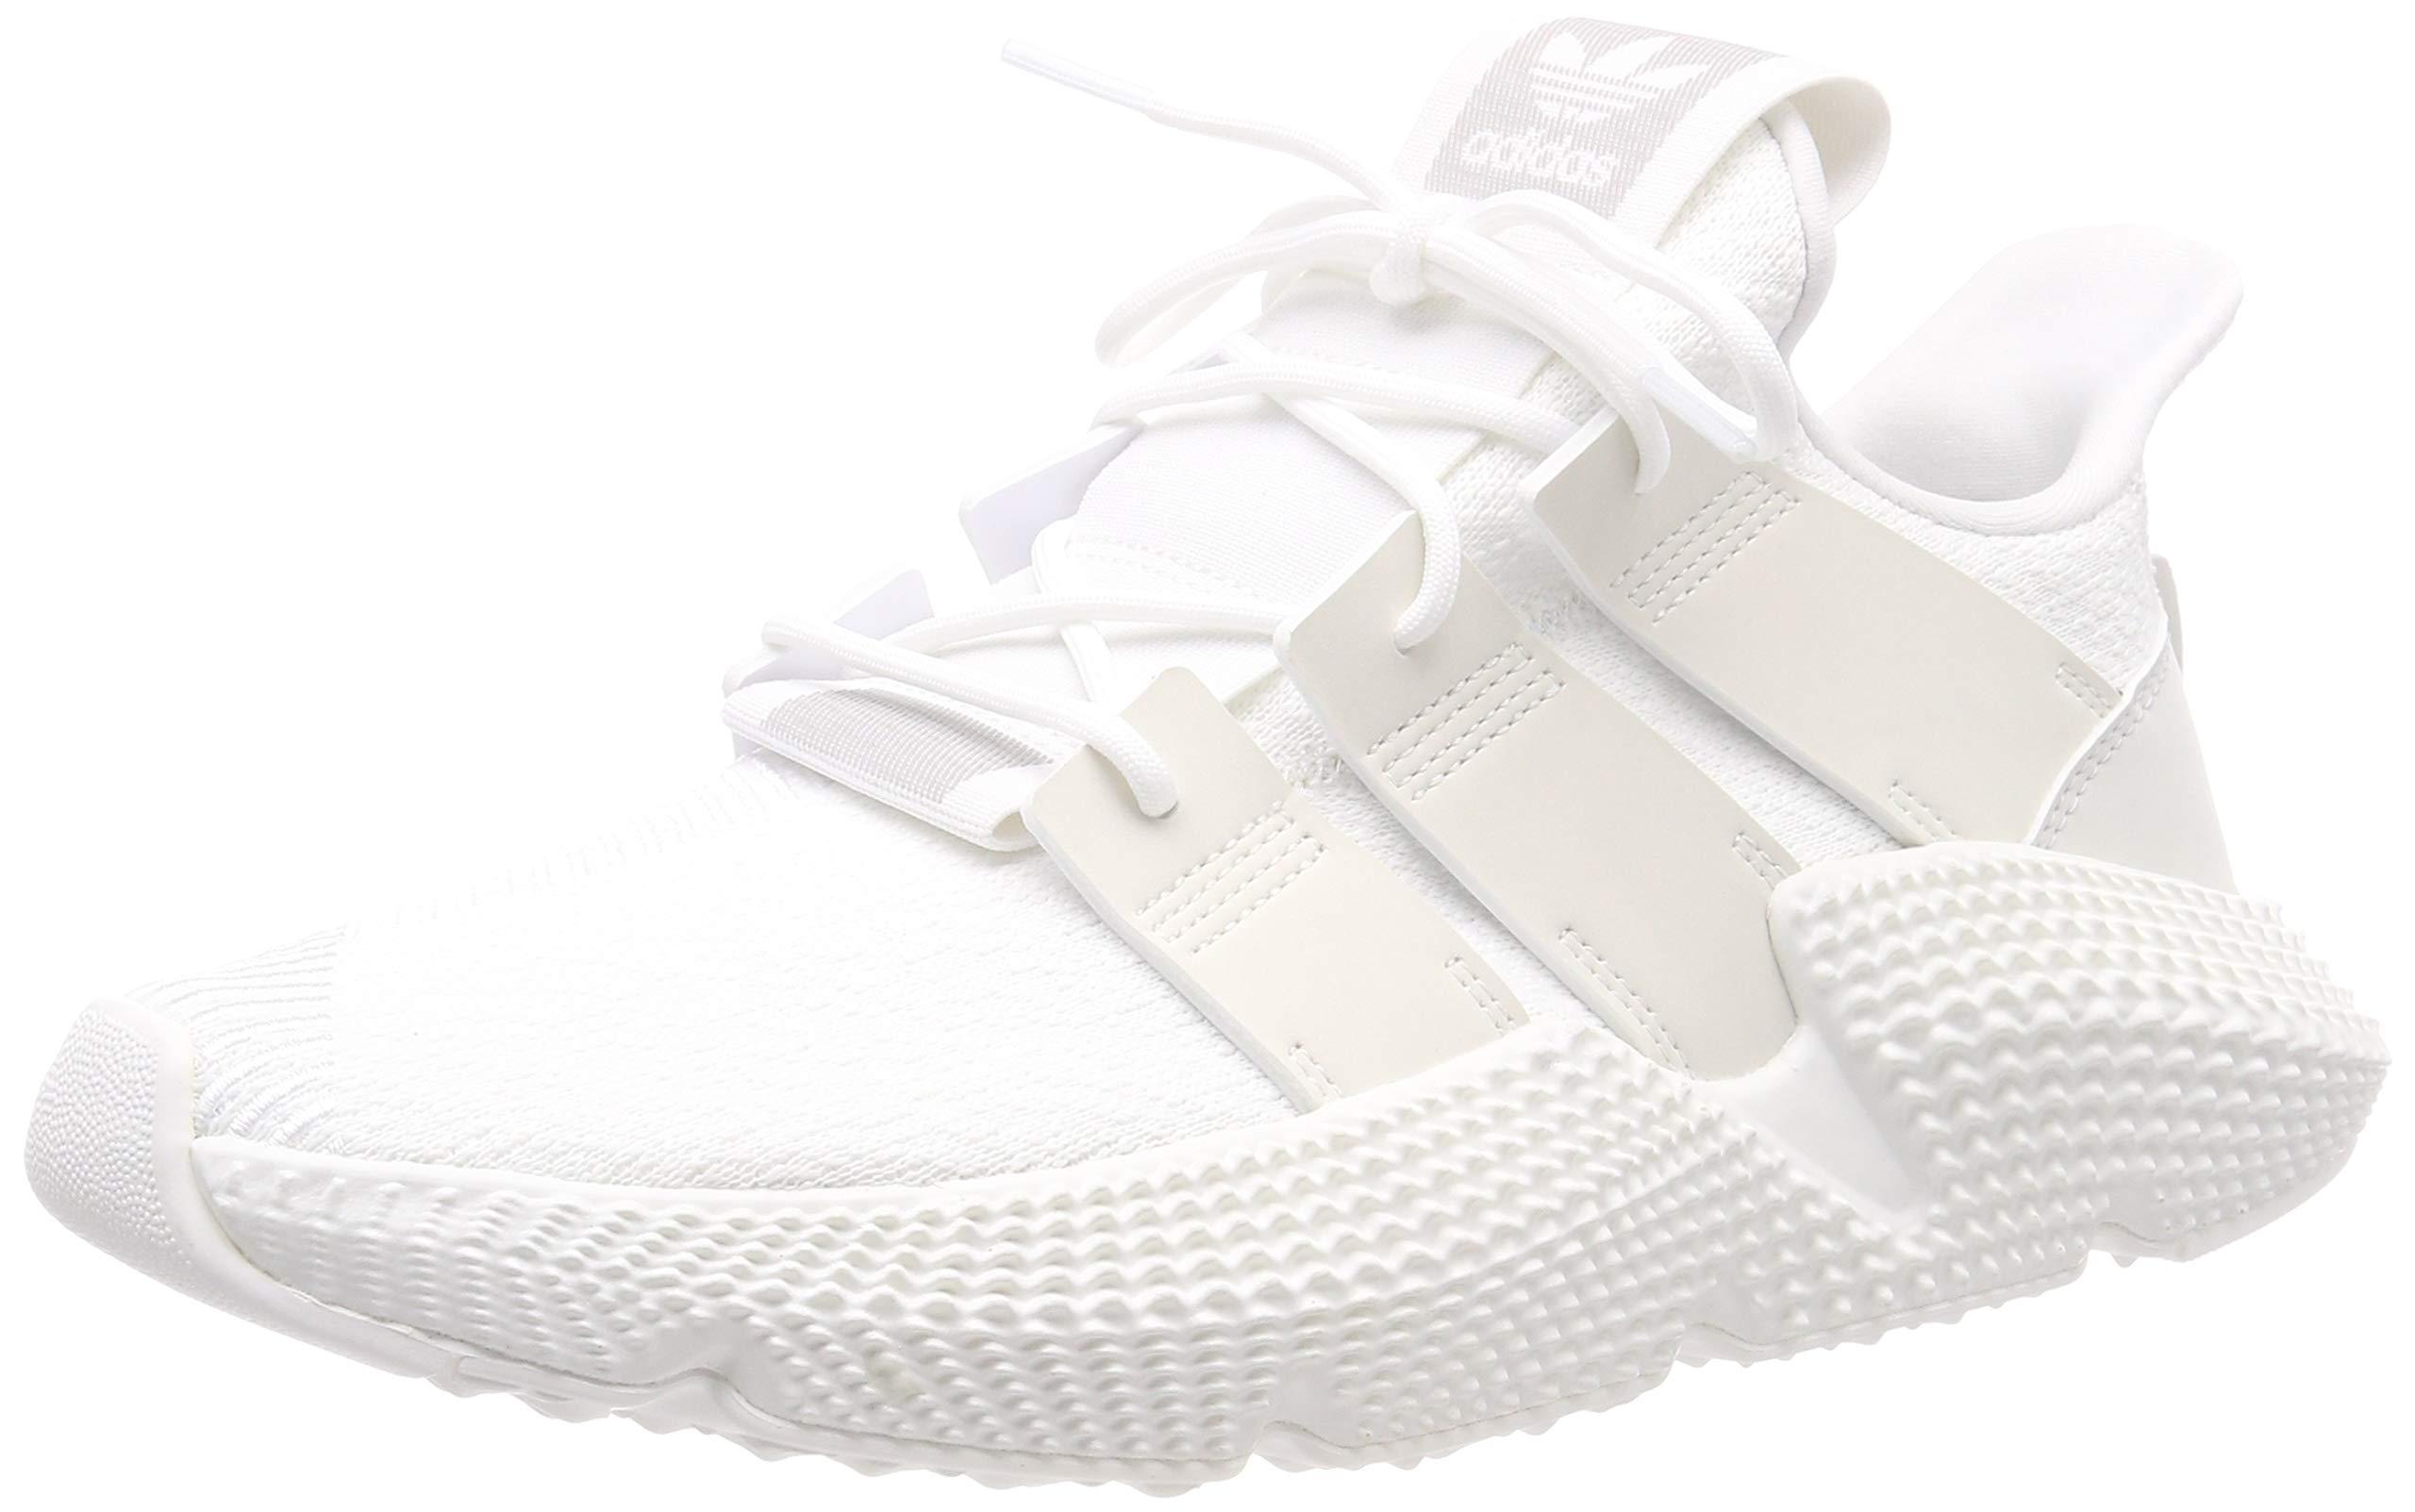 4ca315816e24a Galleon - Adidas Originals Prophere Shoes 8.5 B(M) US Women / 7.5 D ...